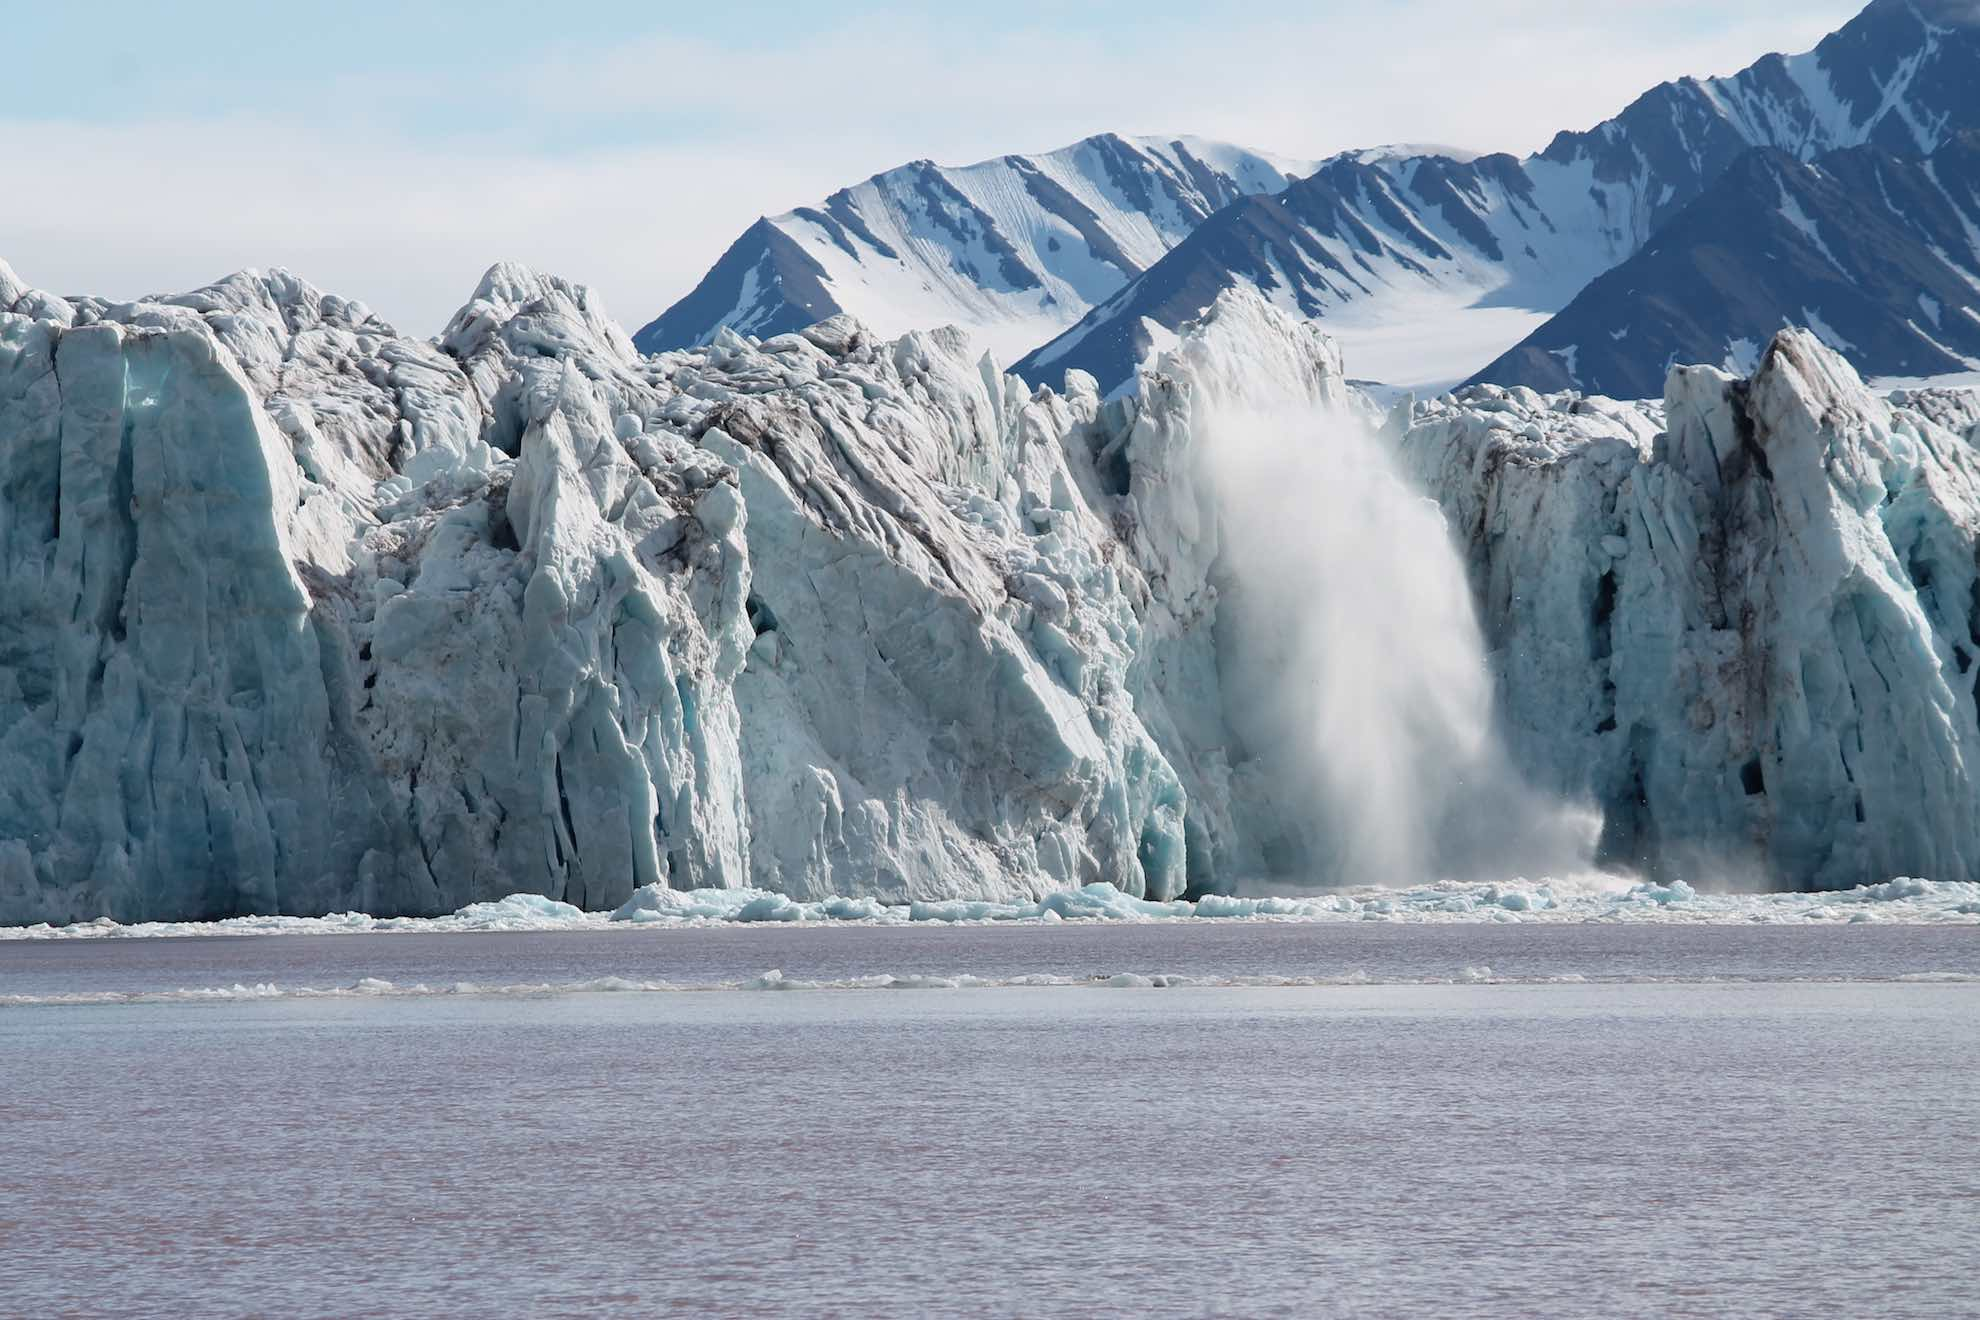 Wir passieren eine kalbende Gletscherfront, von der Eisbrocken abbrechen – ein wahres Naturschauspiel.